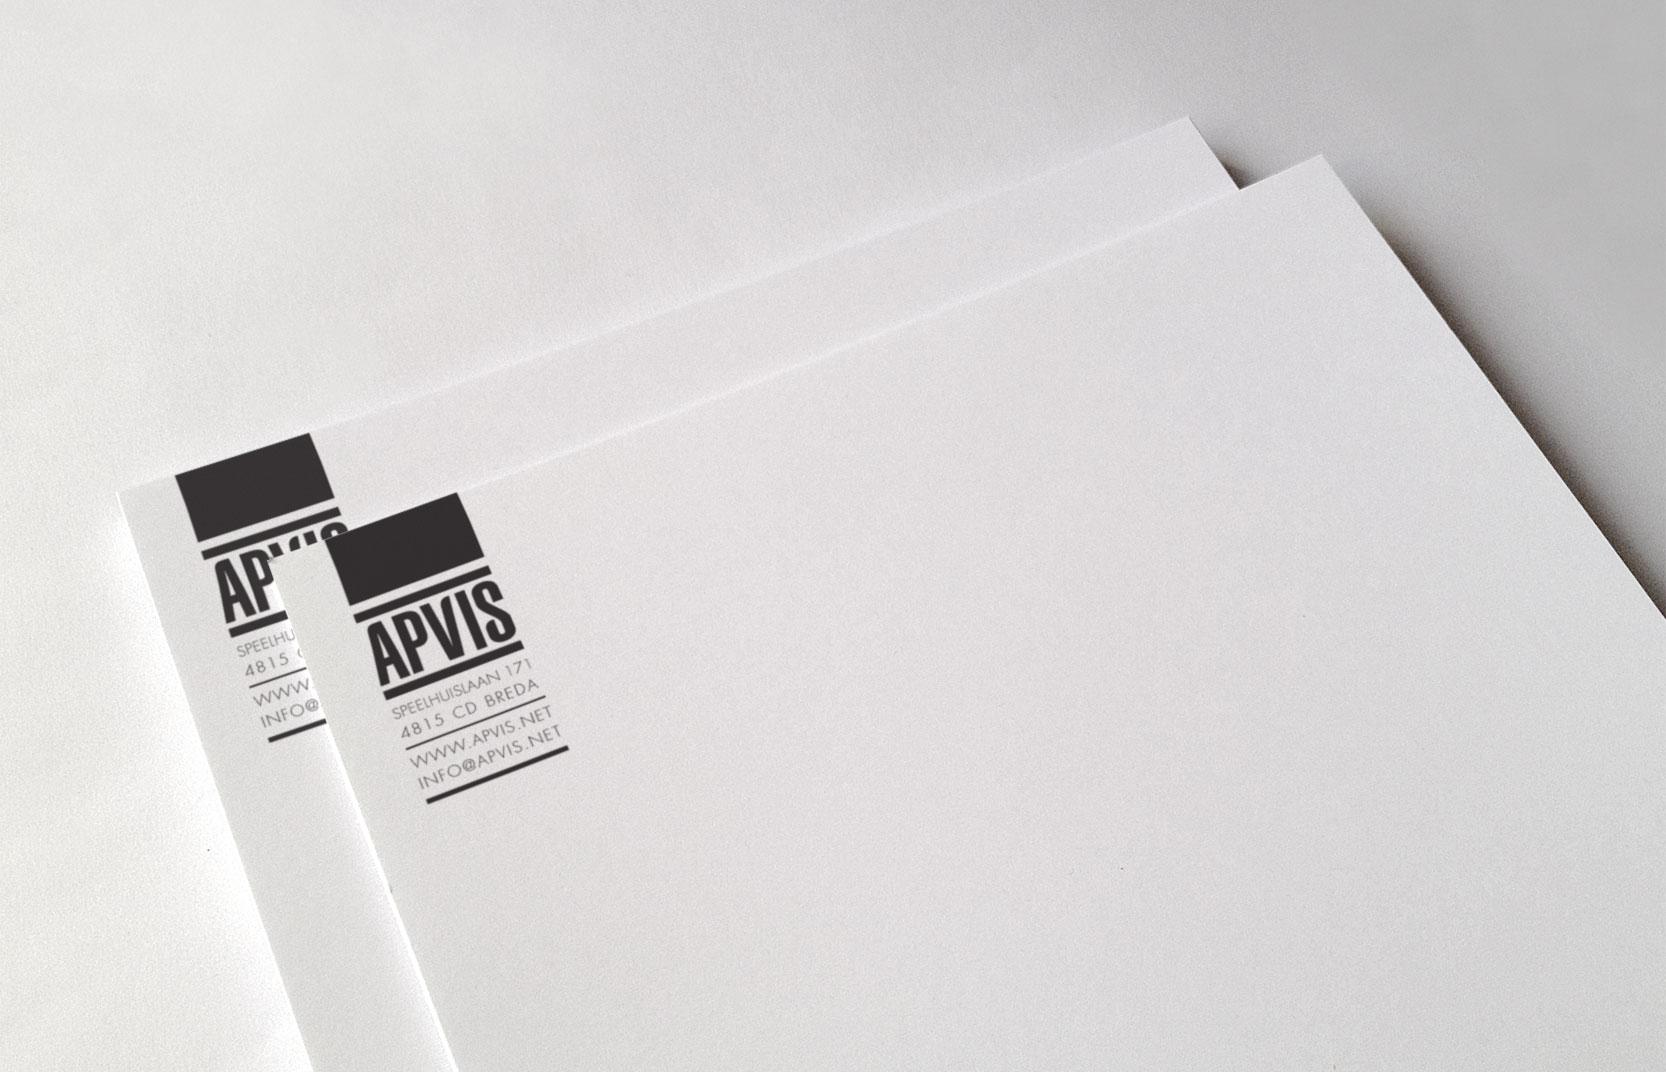 multi_apvis_drukwerk1